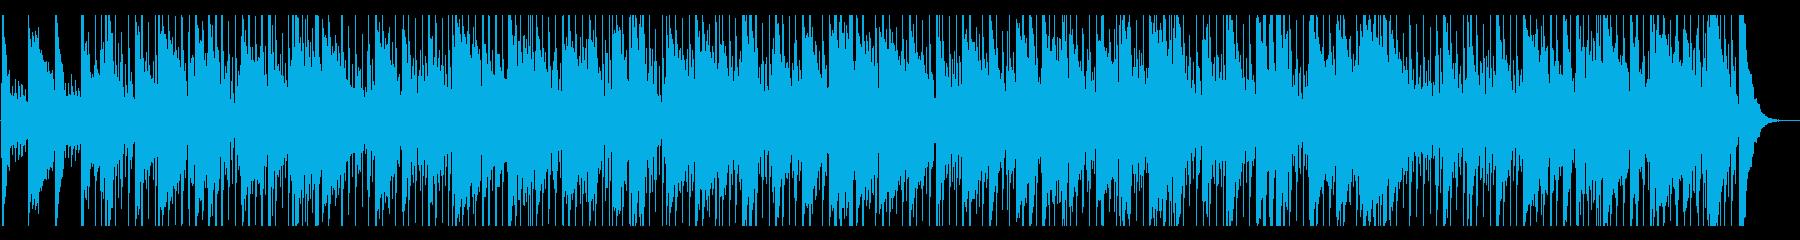 緊張感のあるフォークロックの再生済みの波形